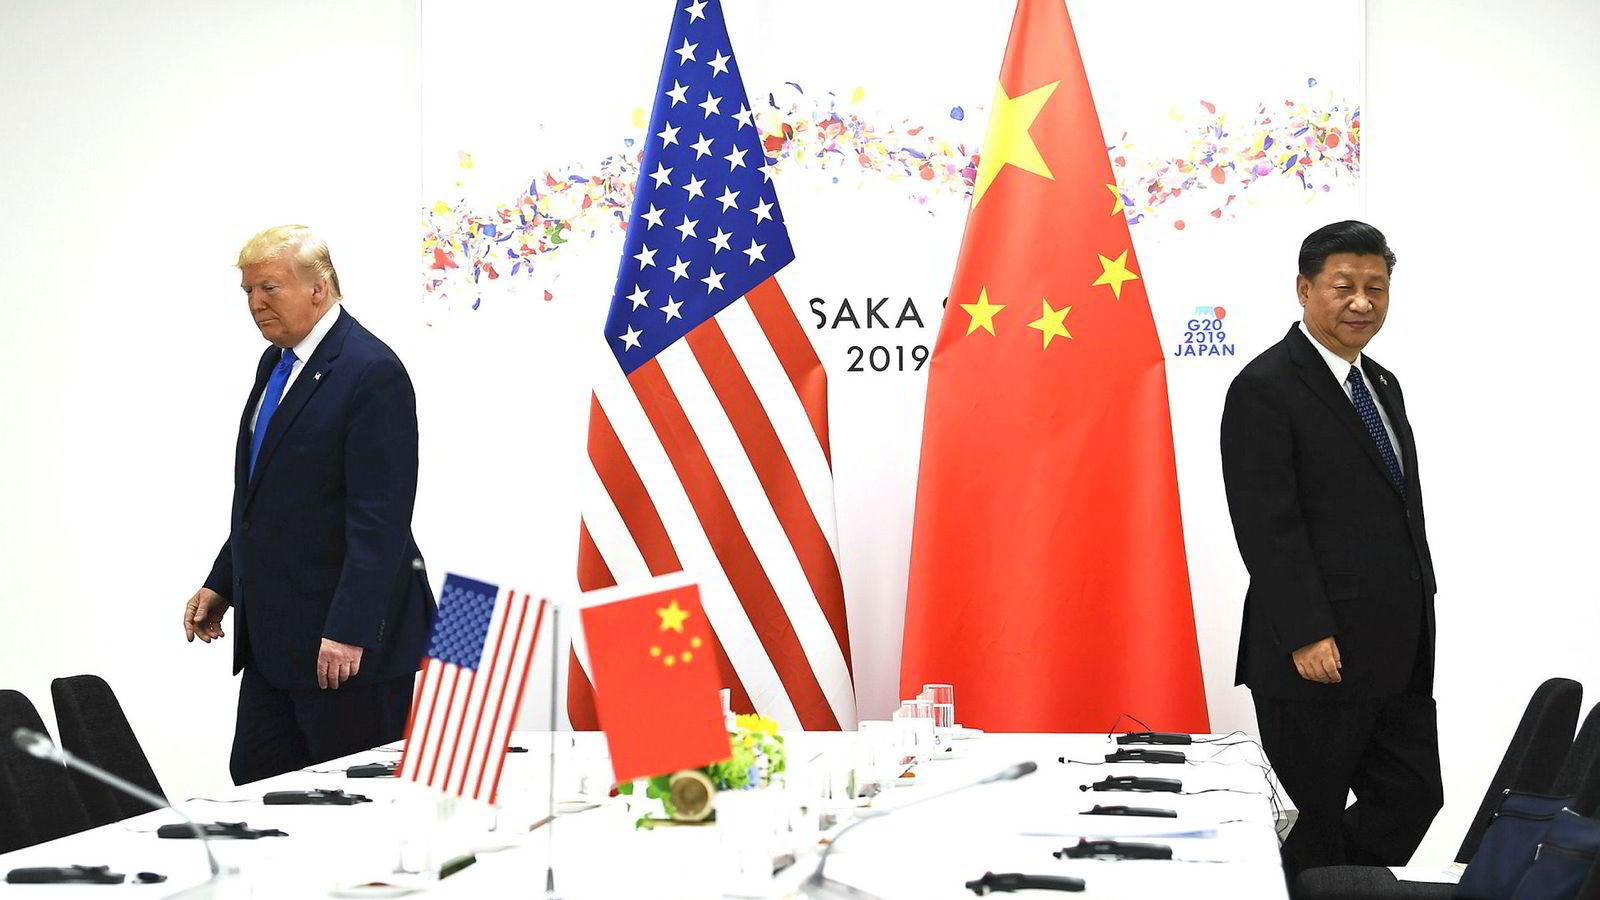 USAs president Donald Trump og Kinas president Xi Jinping deltok på G20-møtet i Osaka 29. juni.